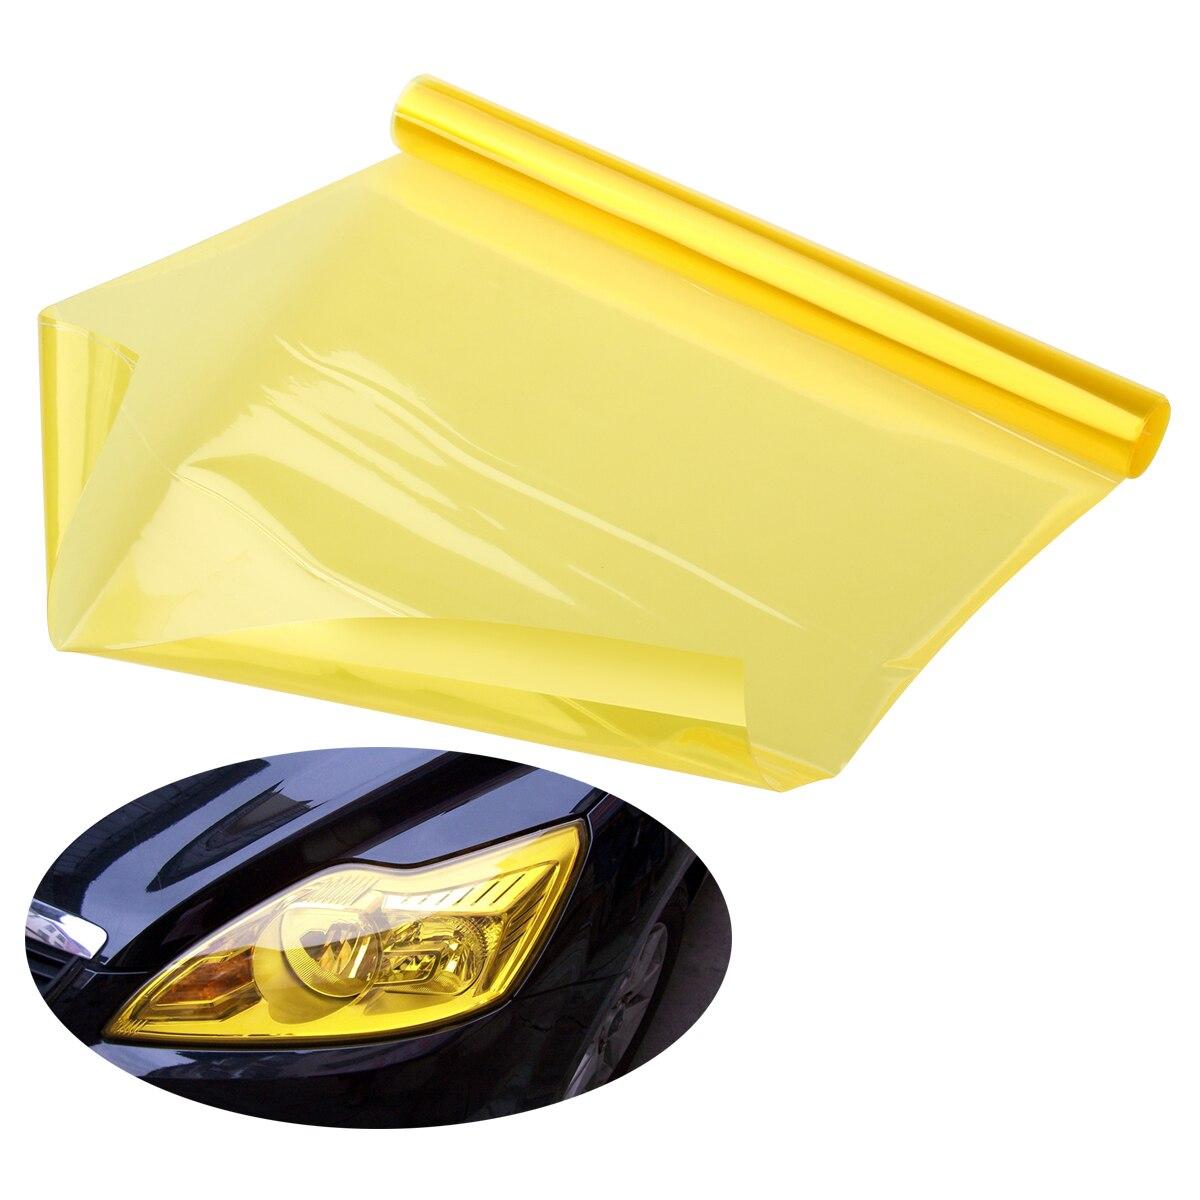 Golden Yellow Optix Chameleon Neo Chrome Headlight Fog Light Taillight Vinyl Tint Film 12x36 in 1x3 Ft